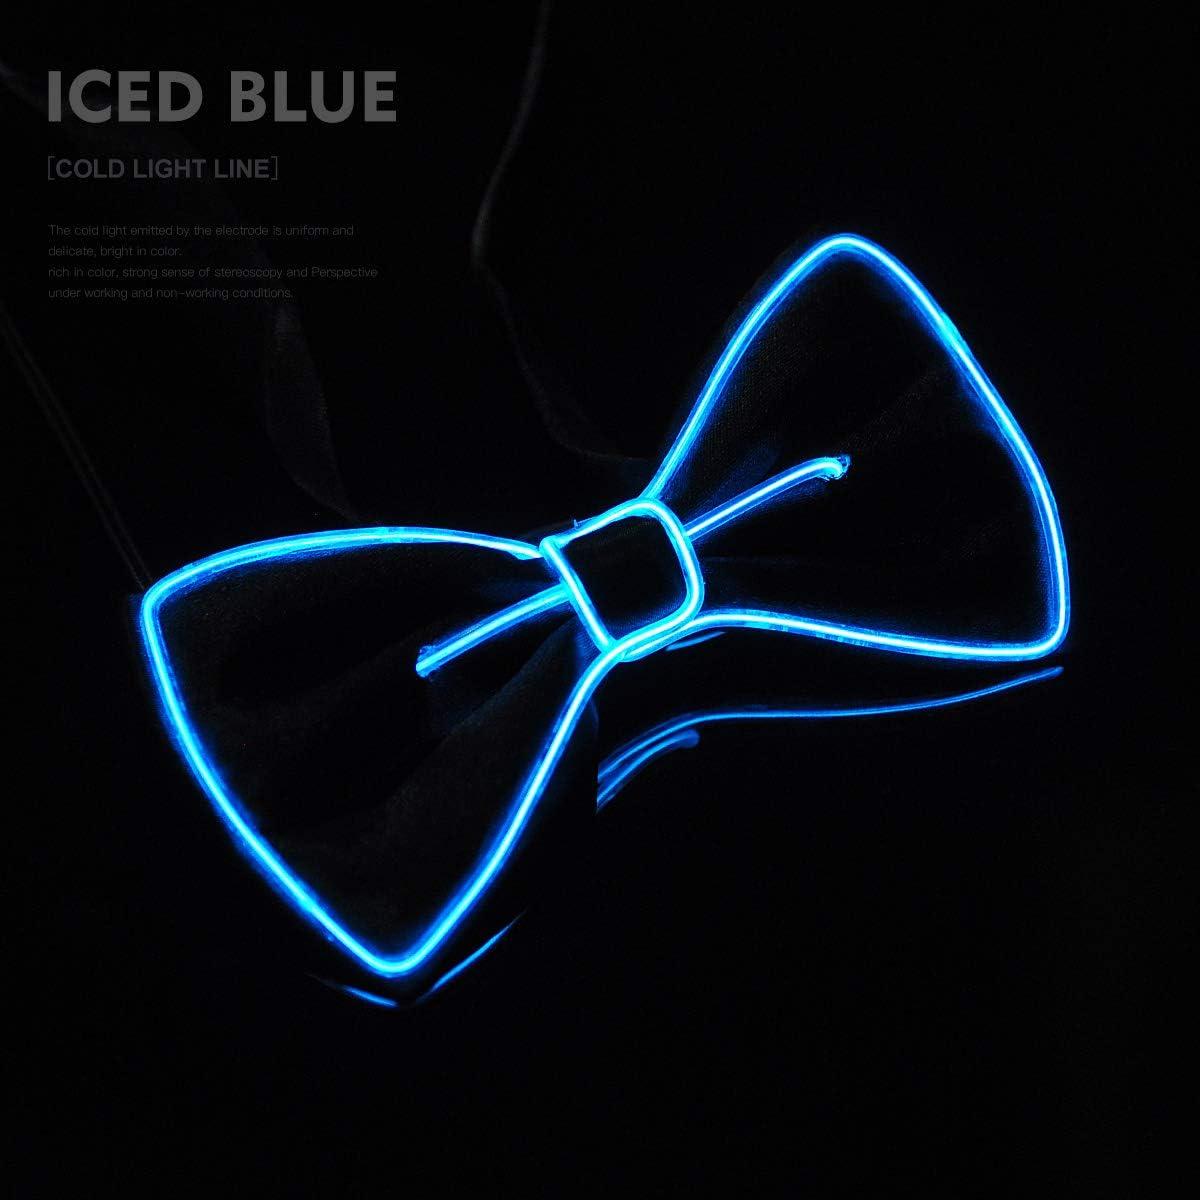 Aogbithy LED papillon 10 colori luci novit/à cravatta brillante faretto uomini donne ragazzi Natale accessori batteria AA alimentatore di rete